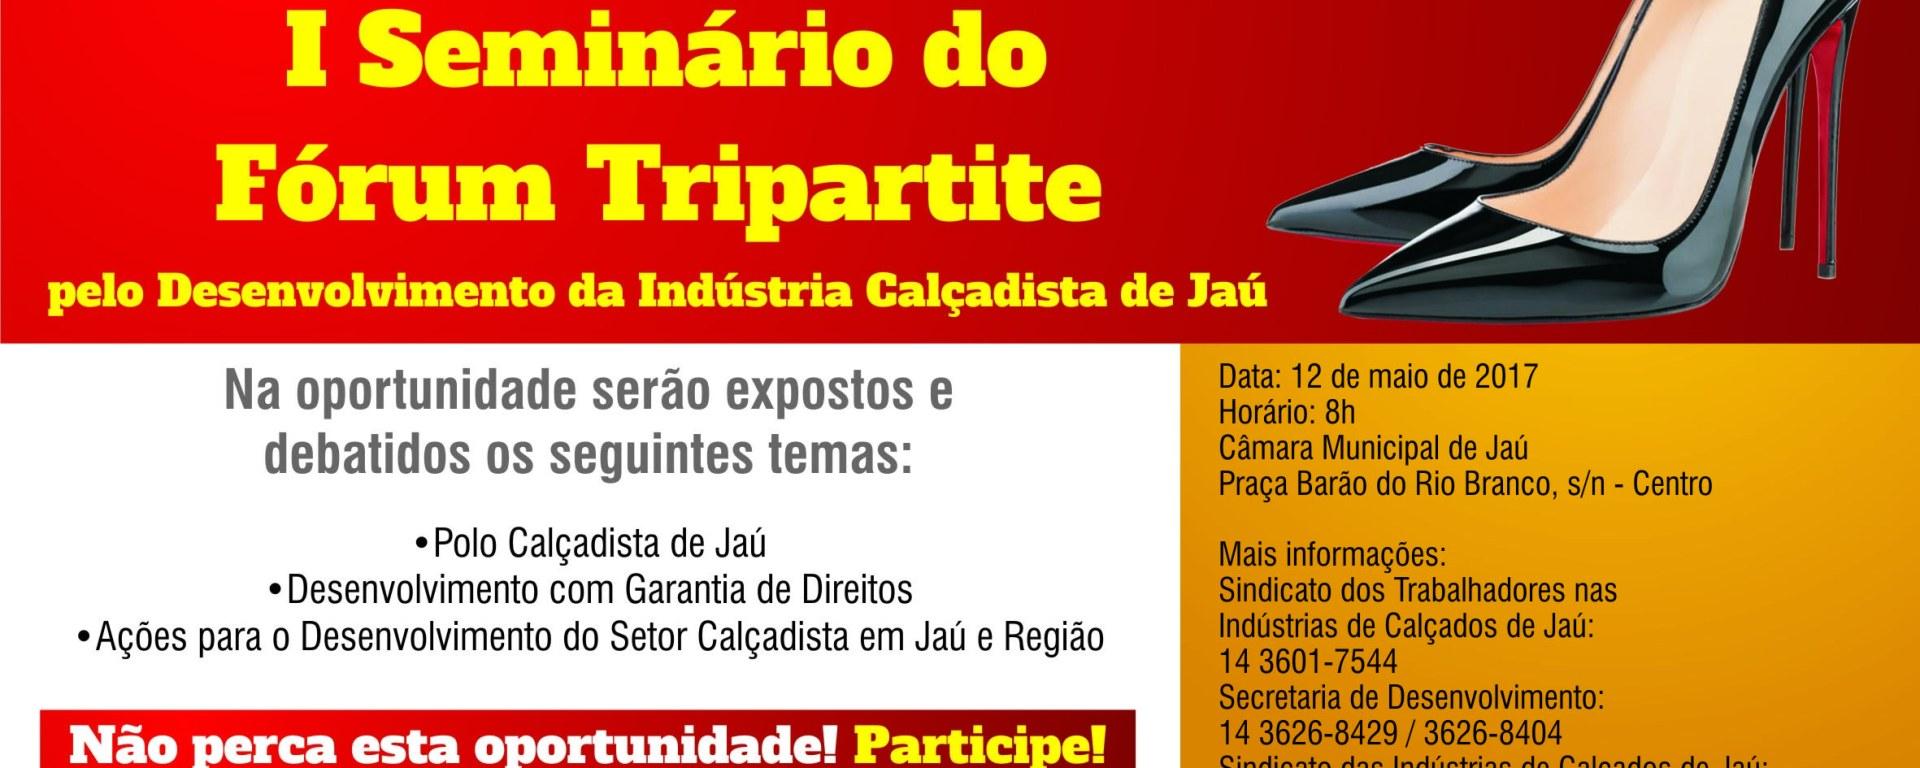 d722bfeb3 Em ação inédita, Fórum Tripartite realiza Seminário sobre desenvolvimento  da indústria de calçados de Jaú